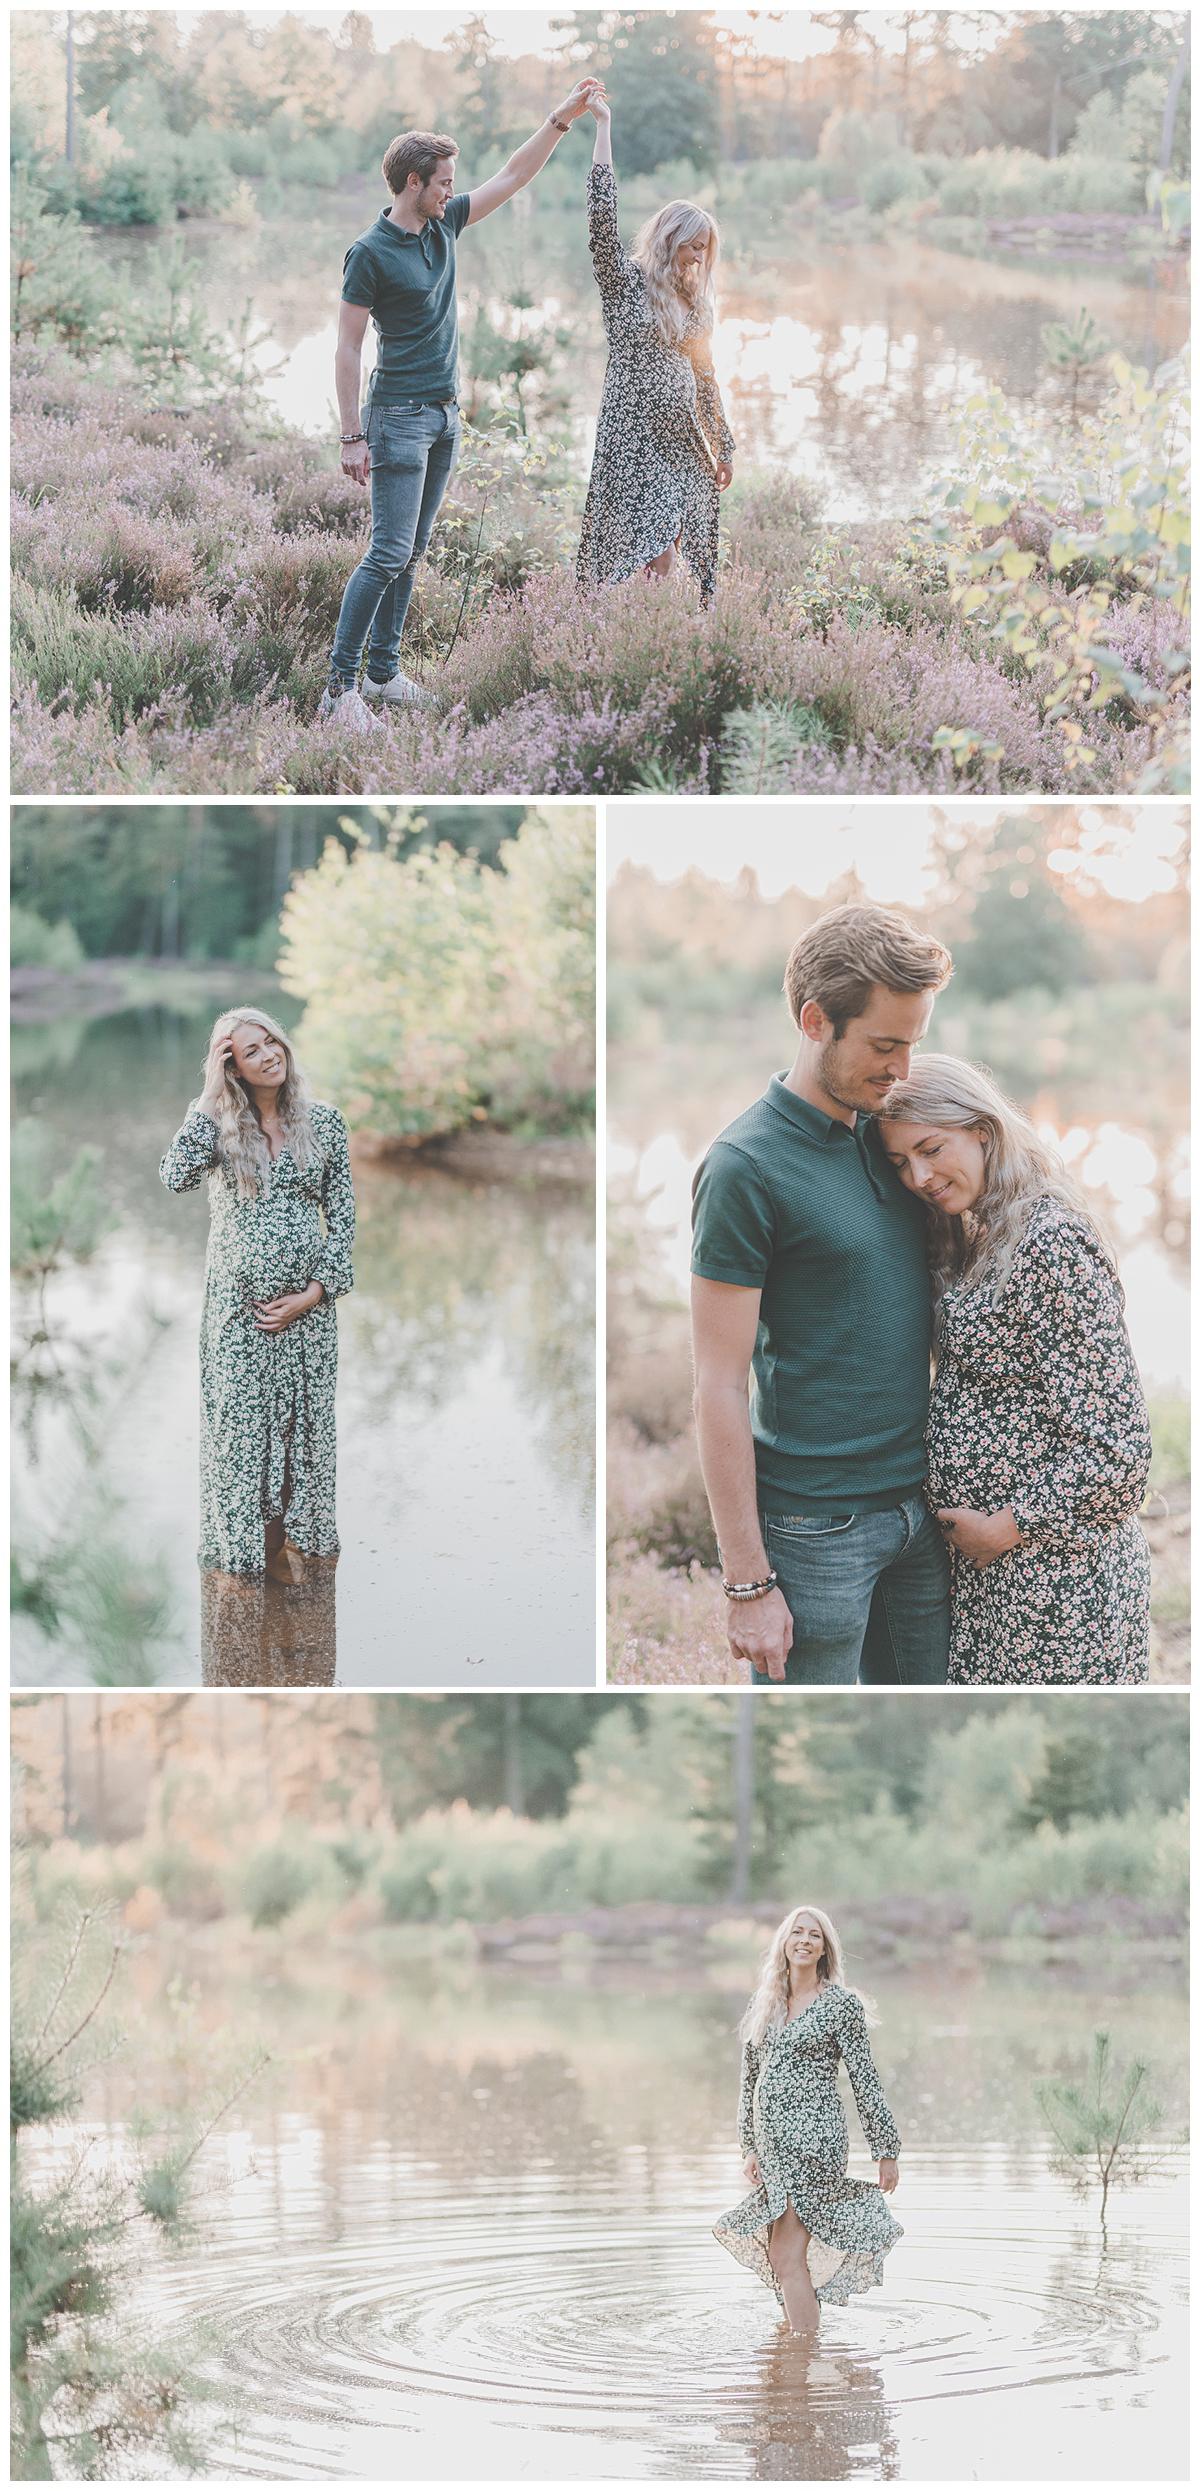 fotografie zwangershoot zwangerschapsshoot zwangerschapsfotoshoot gelderland veluwe heerde epe wapenveld lifestyle fotografie zwanger in verwachting fotograaf